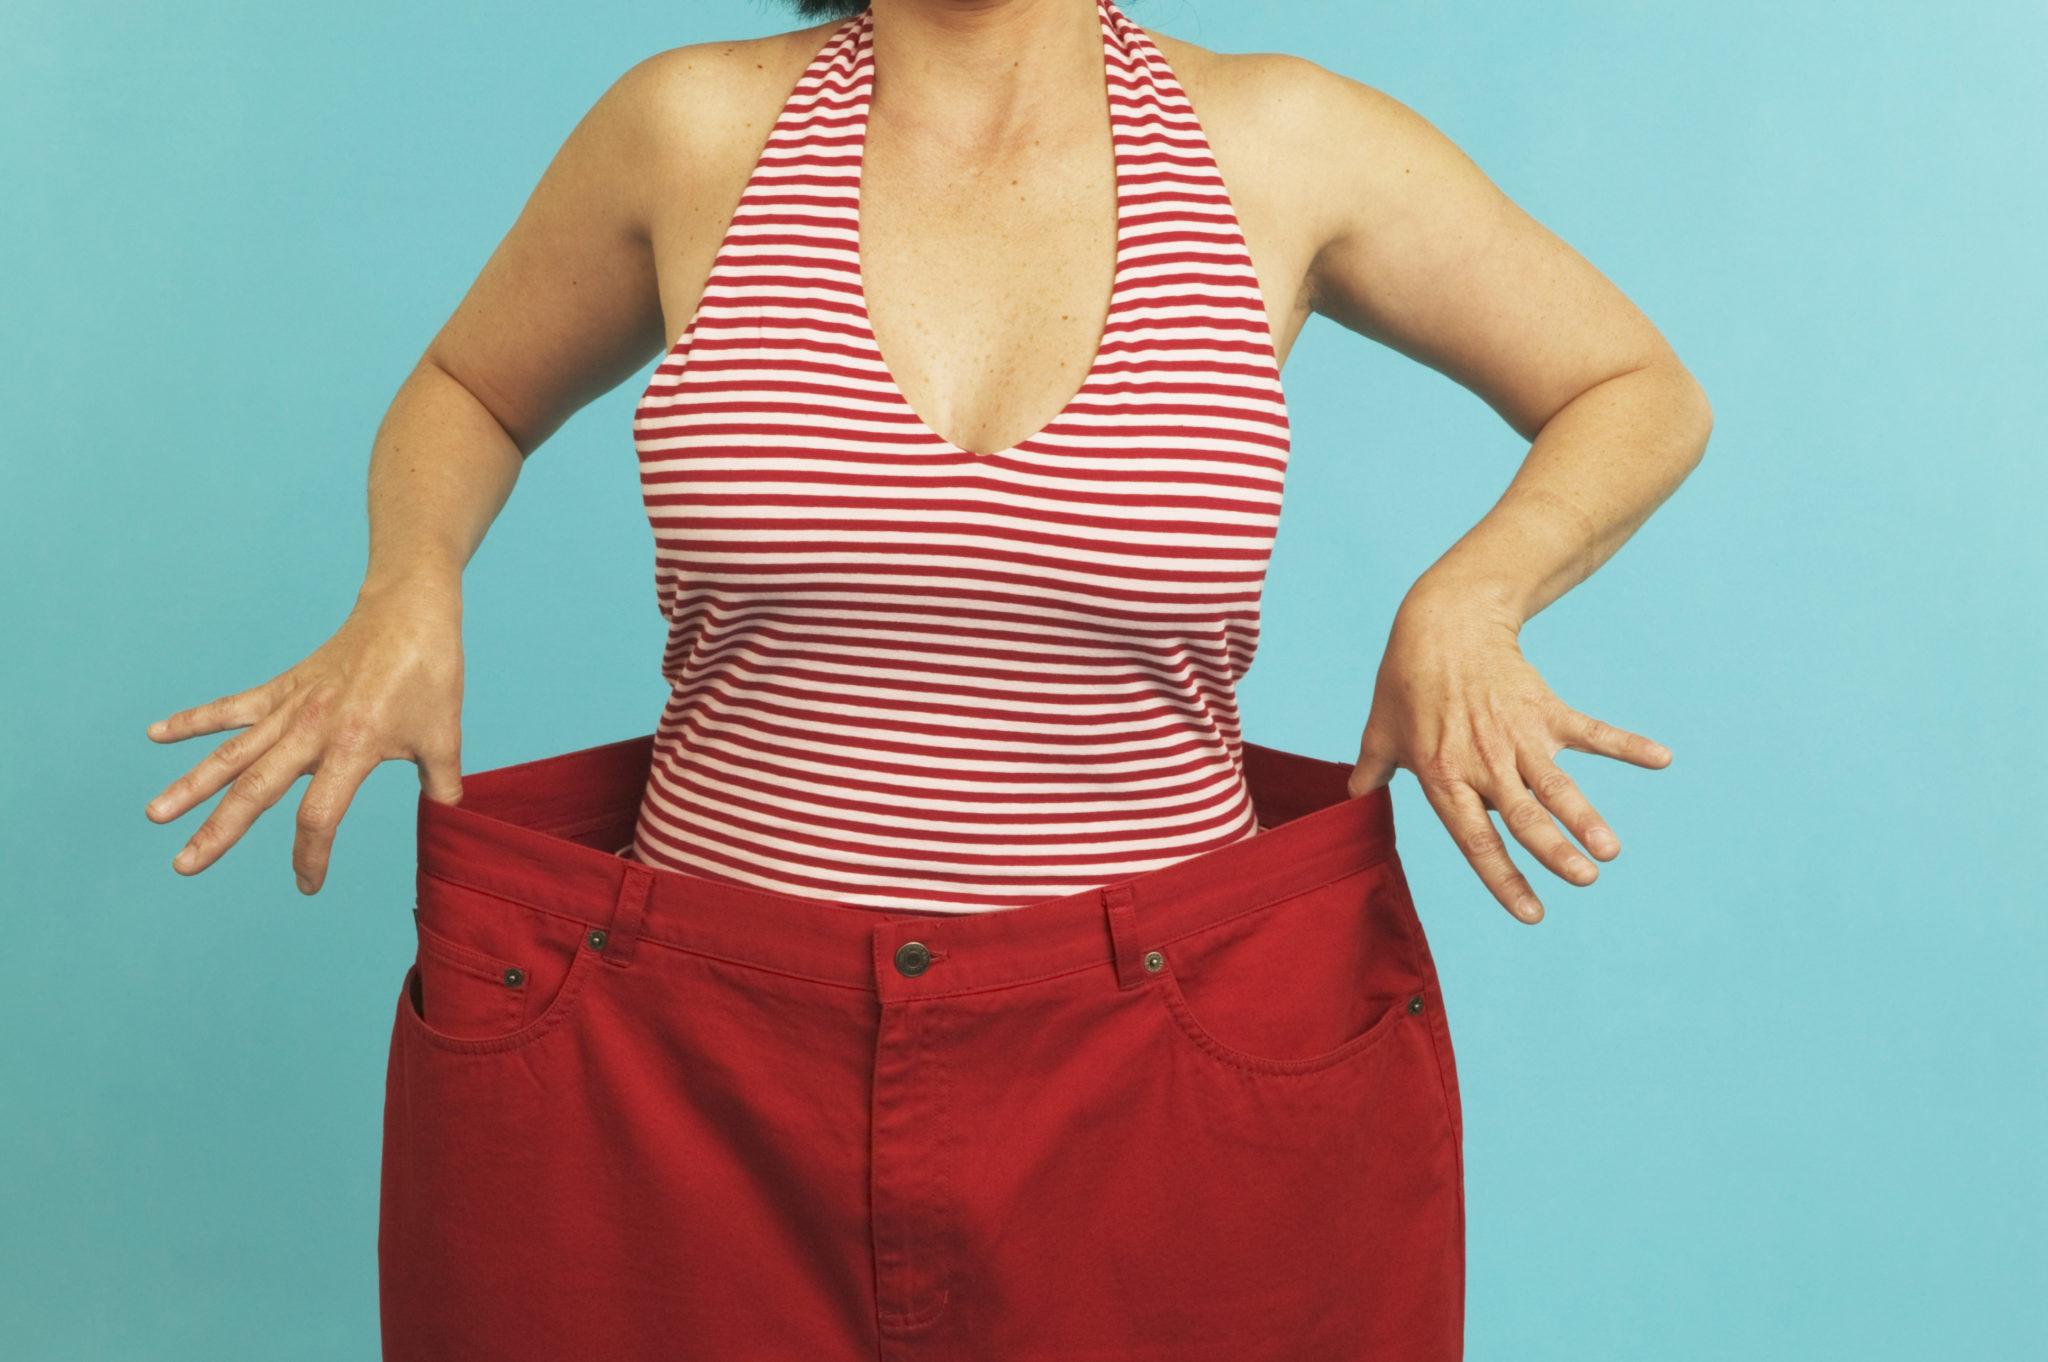 Peso y fases de una dieta para adelgazar